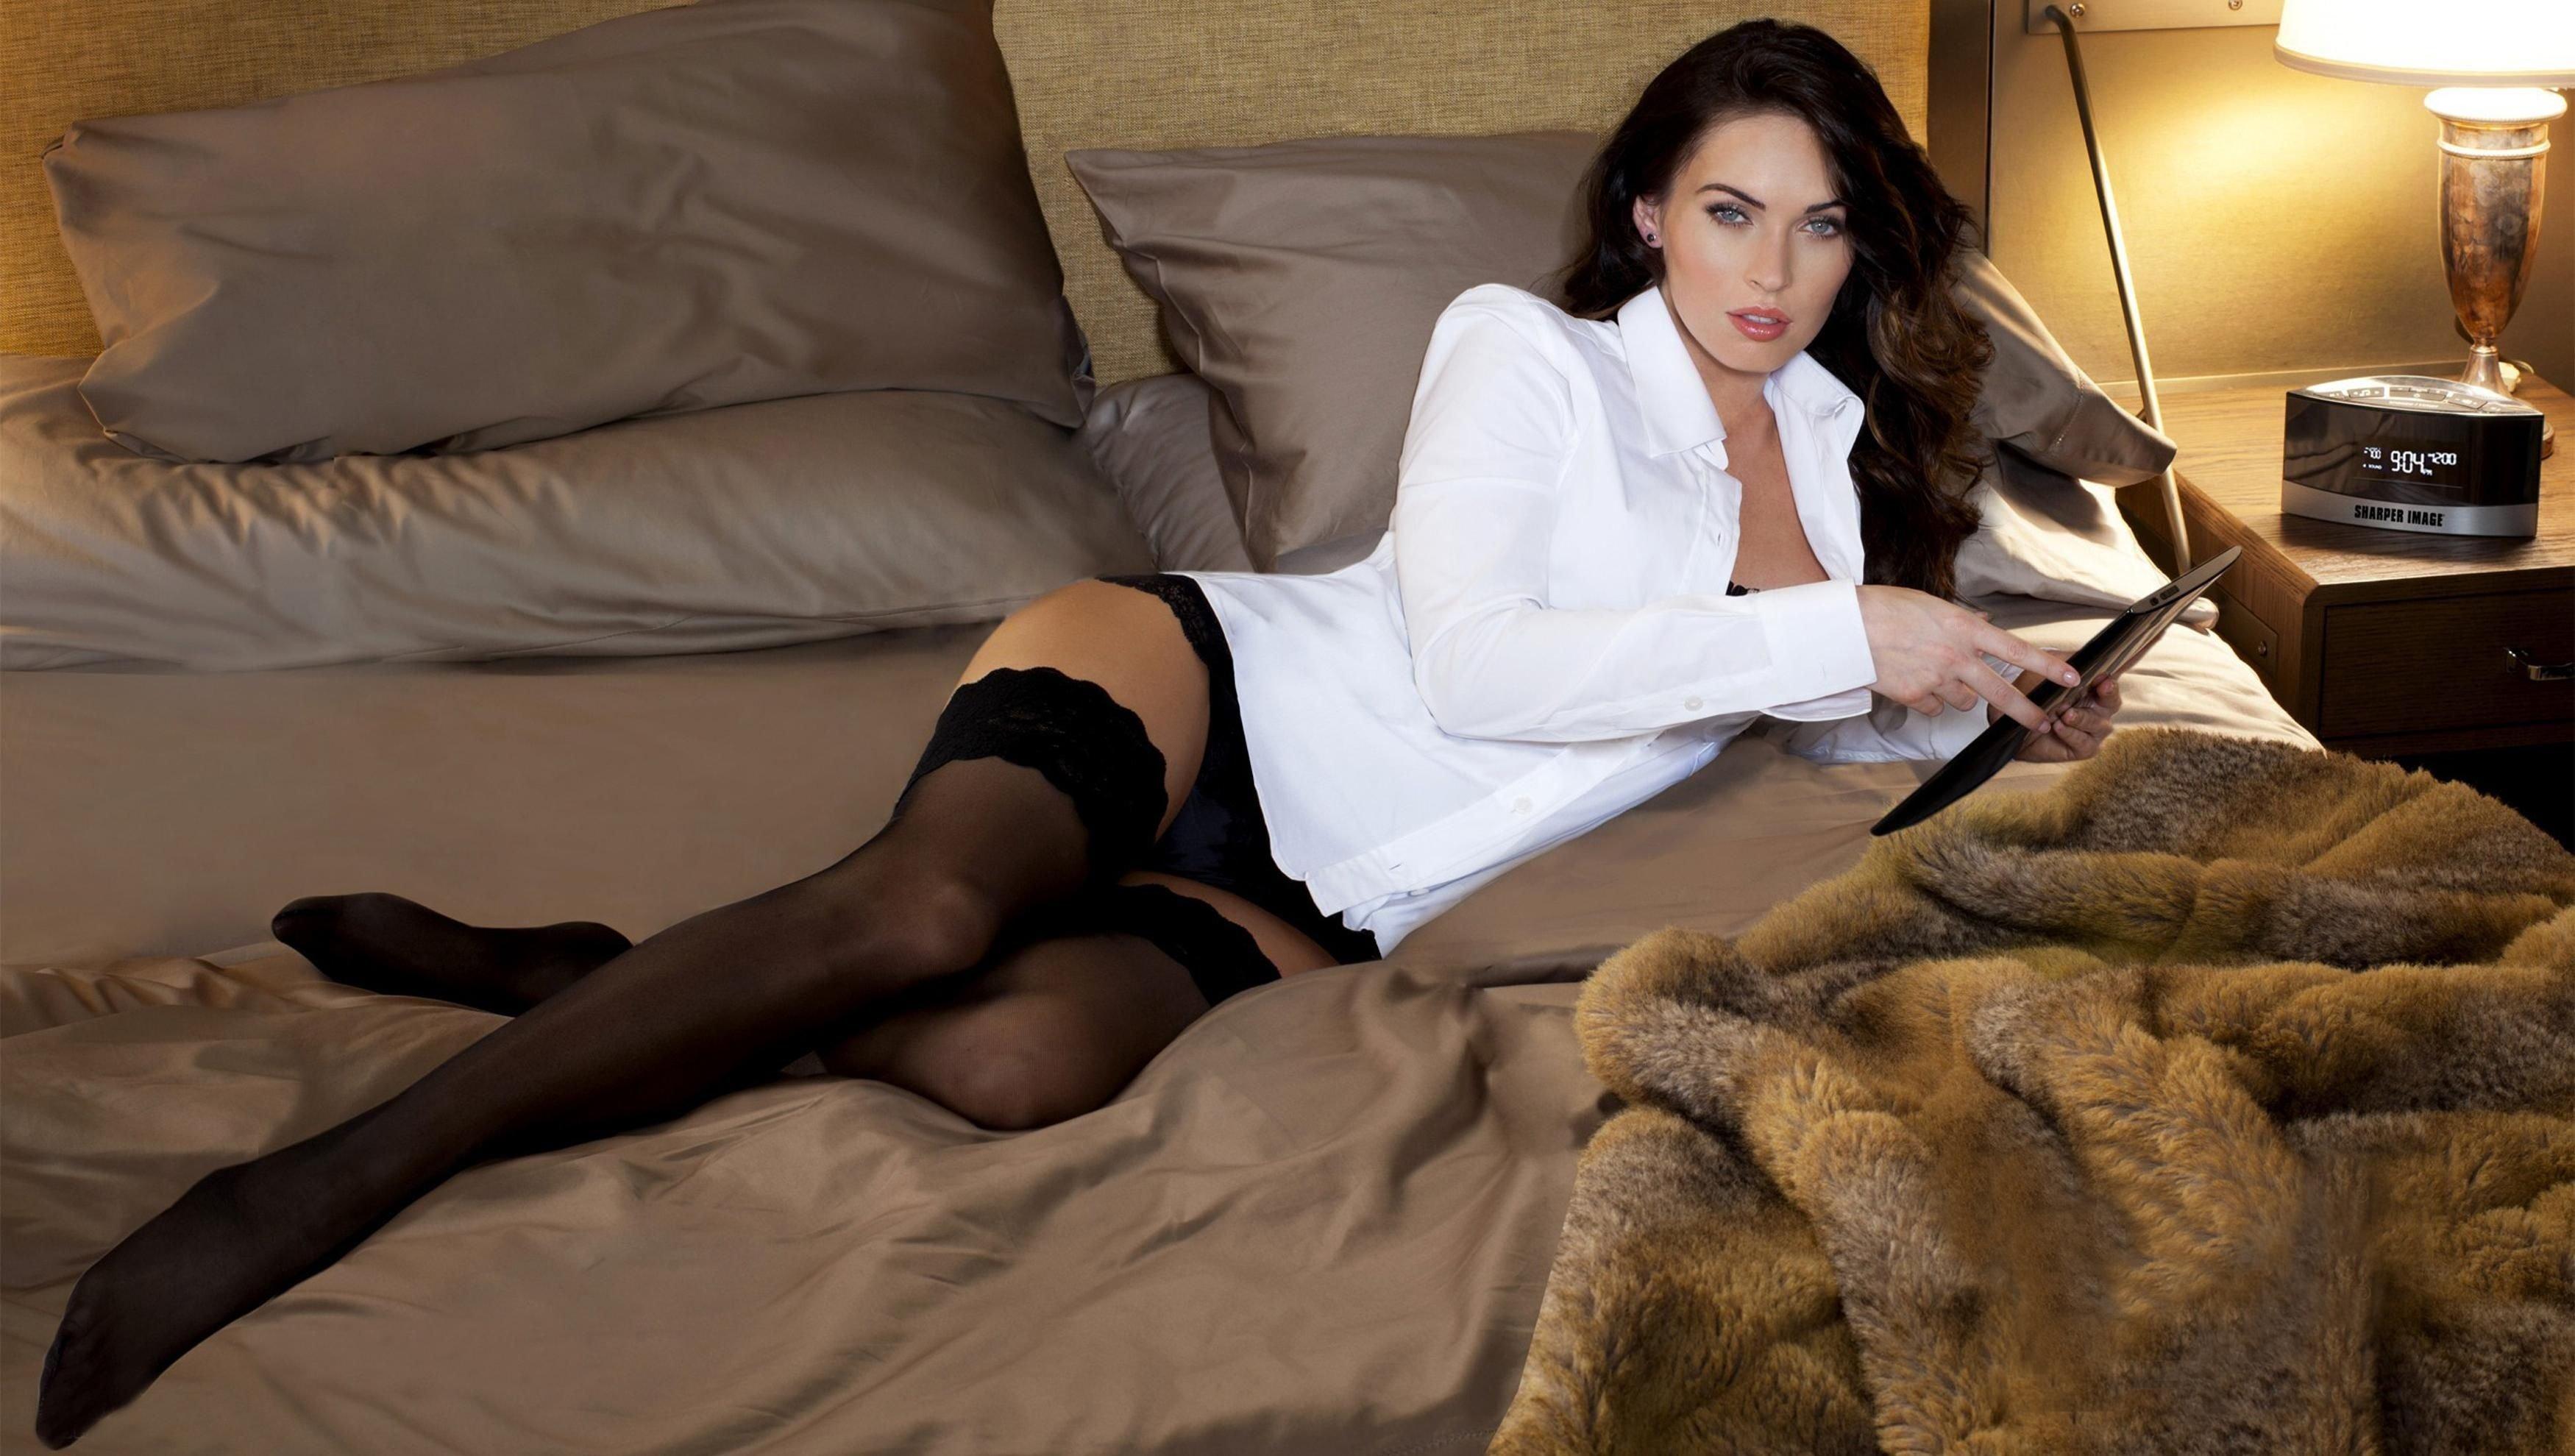 La escultural Megan Fox está separada de su marido, y sola